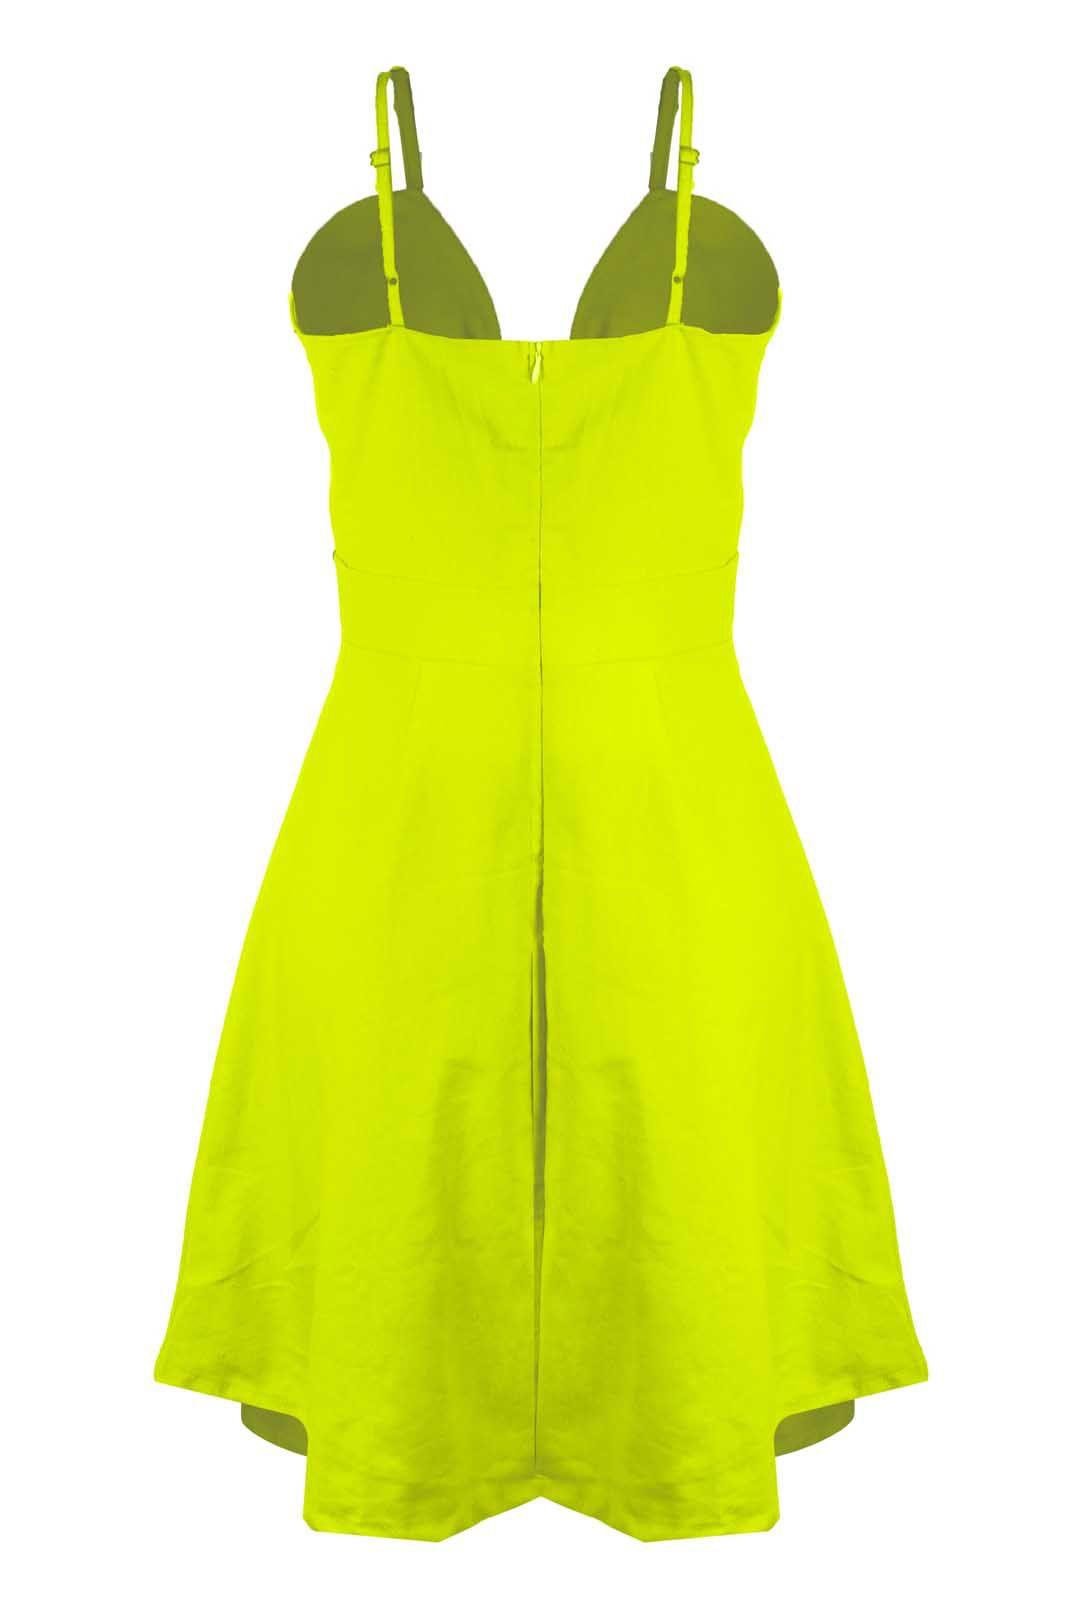 Vestido Outlet Dri Rodado Linho Botões Frontais Cores Primavera Verão Amarelo